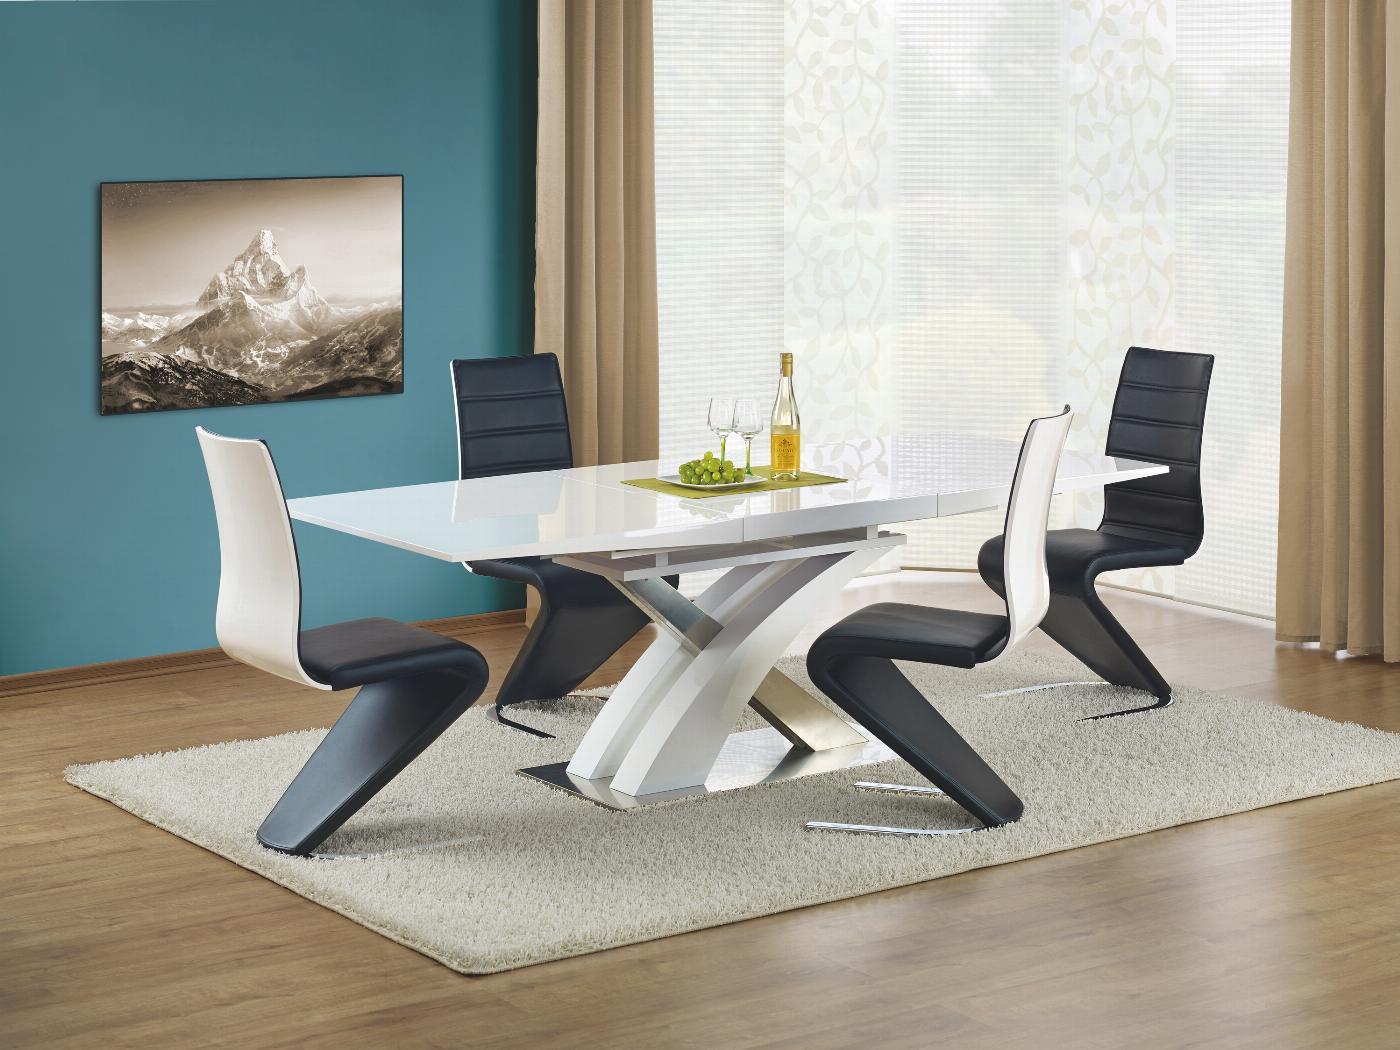 SANDOR stół rozkładany biały lakierowany (3p=1szt)